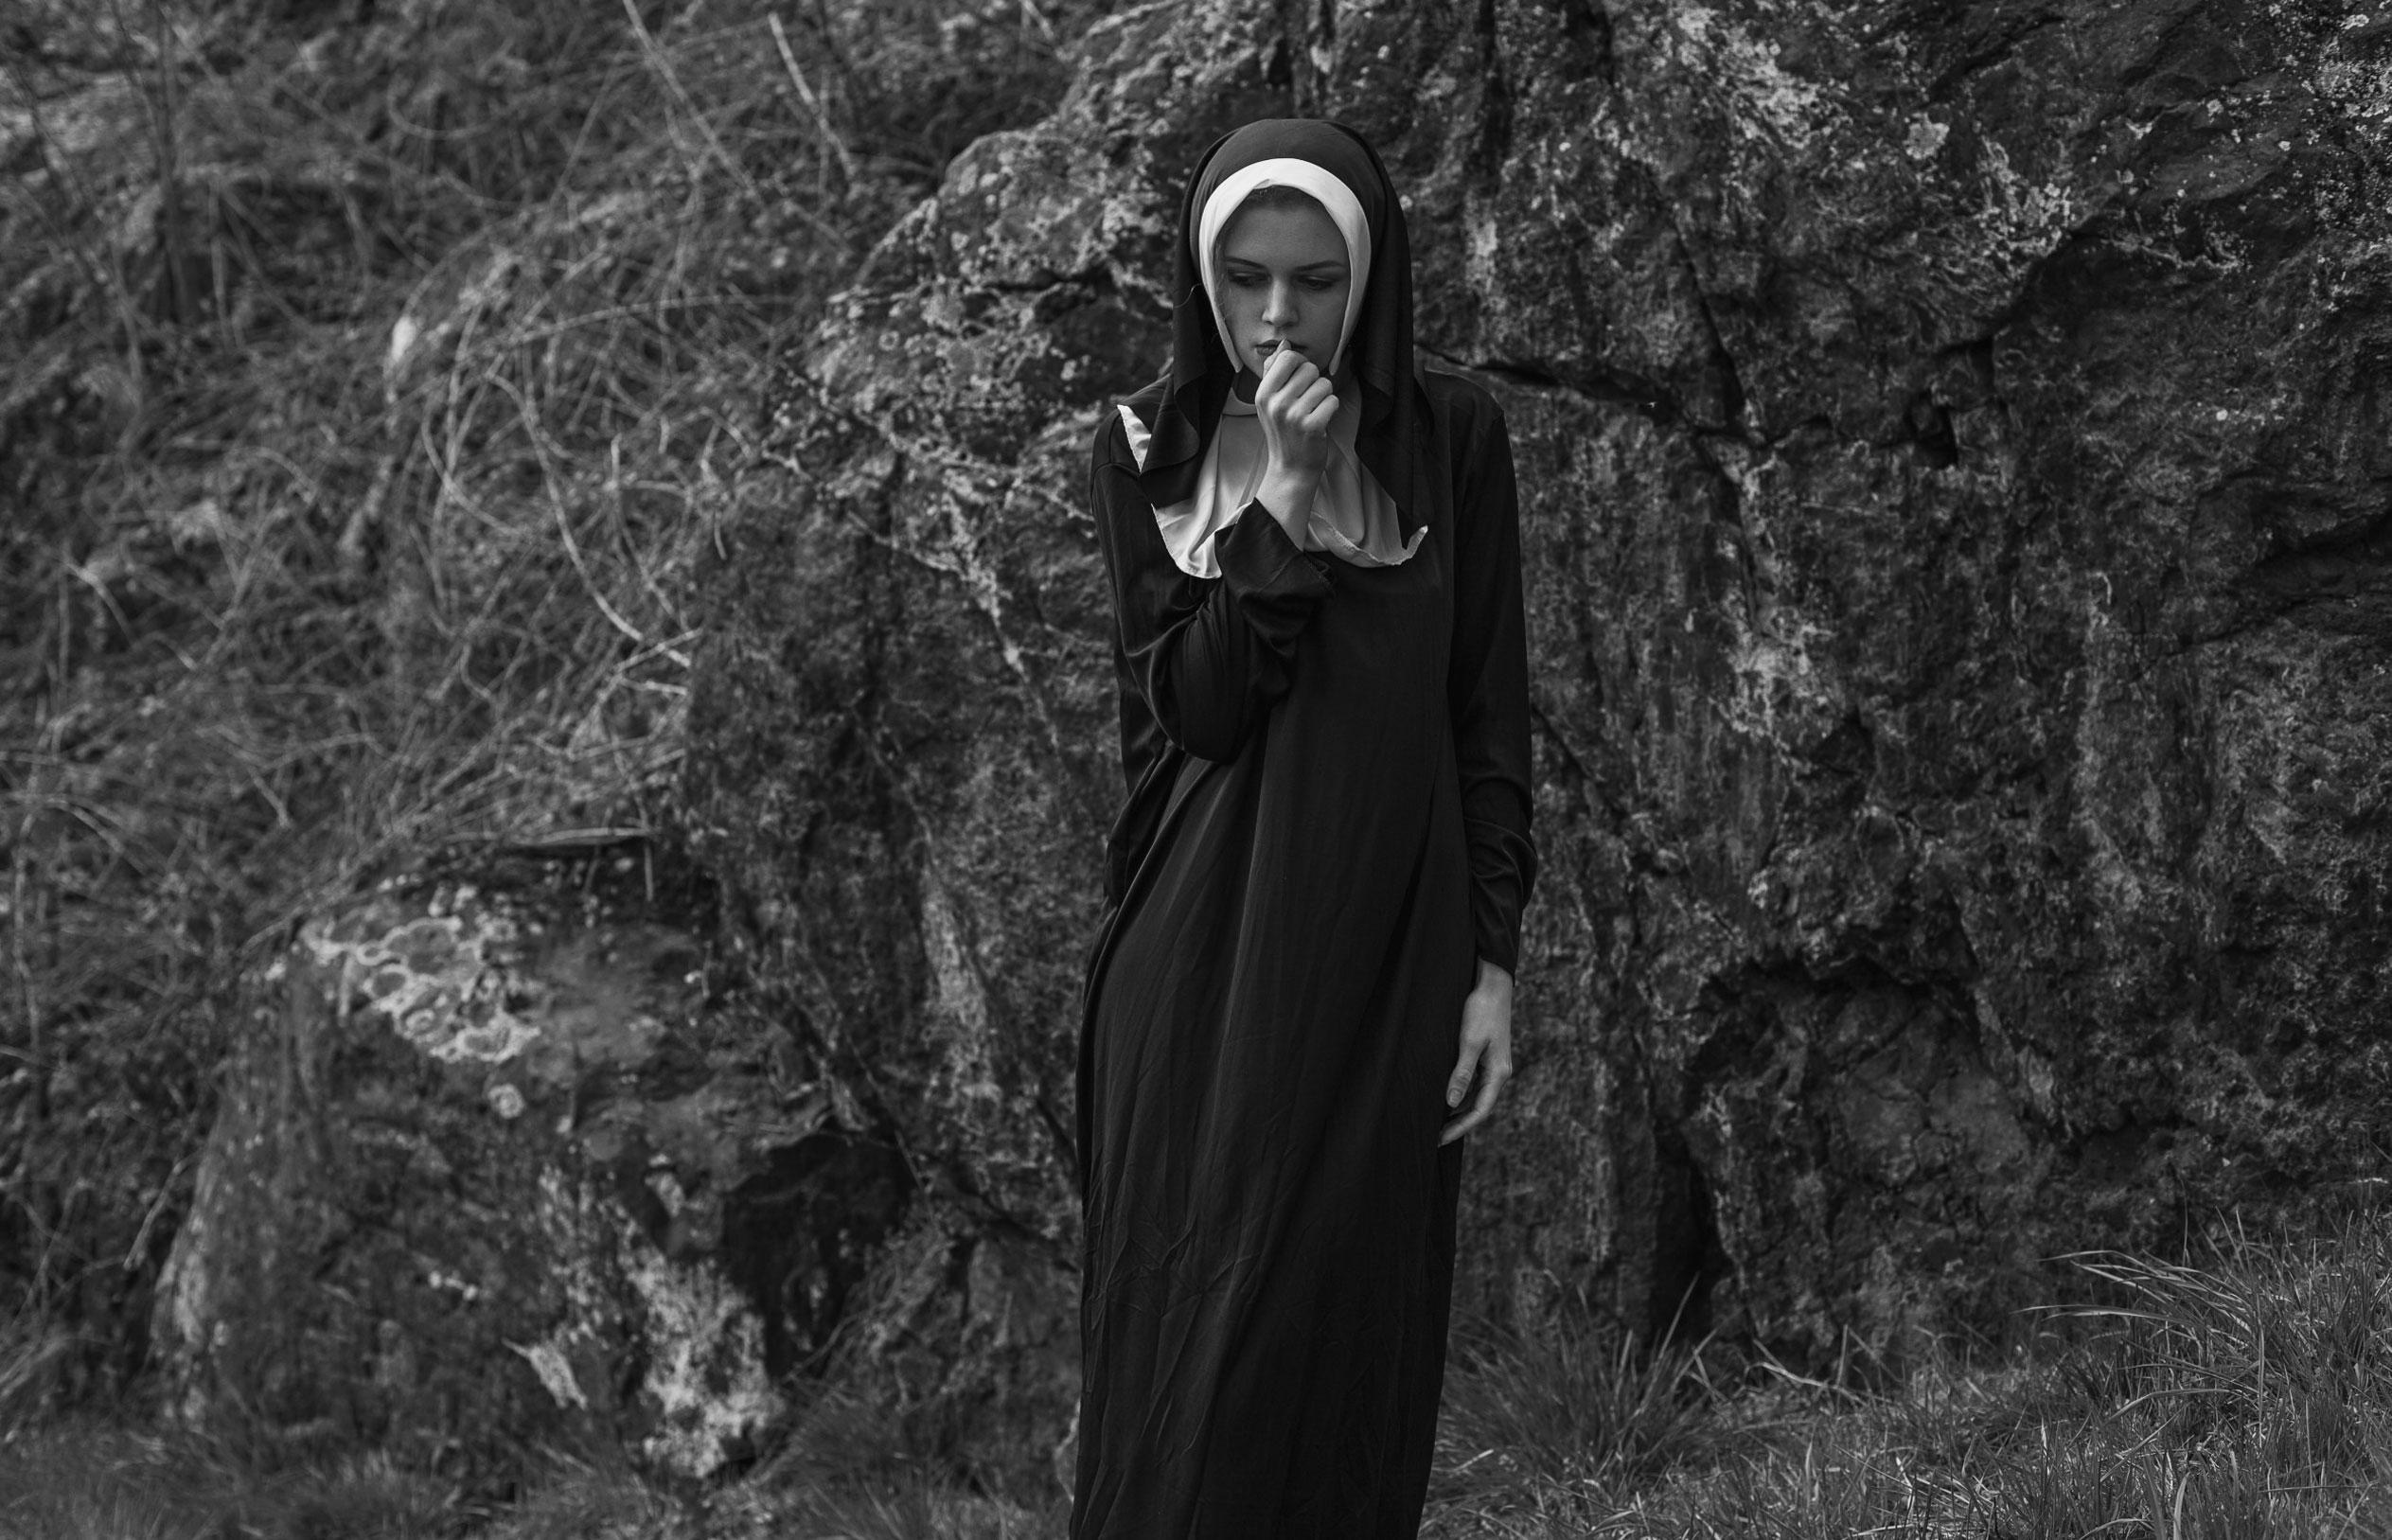 Катя Касьянова - история монашки, проигравшей в борьбе с человеческими страстями / фото 01